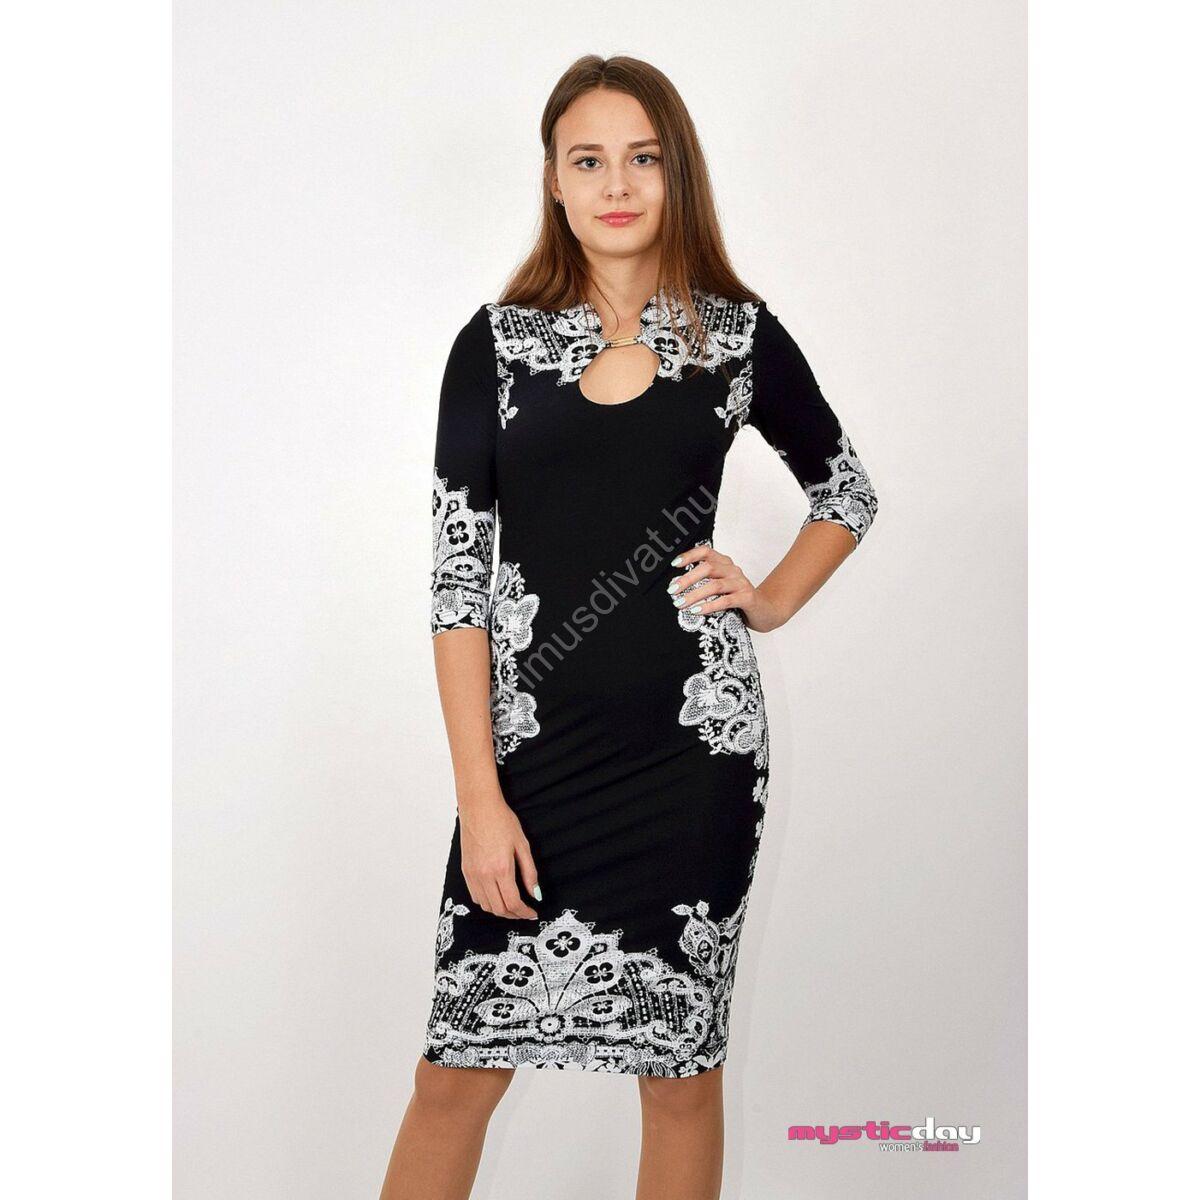 Mystic Day fehér csipkemintás fekete viszkóz ruha 55bb60e451